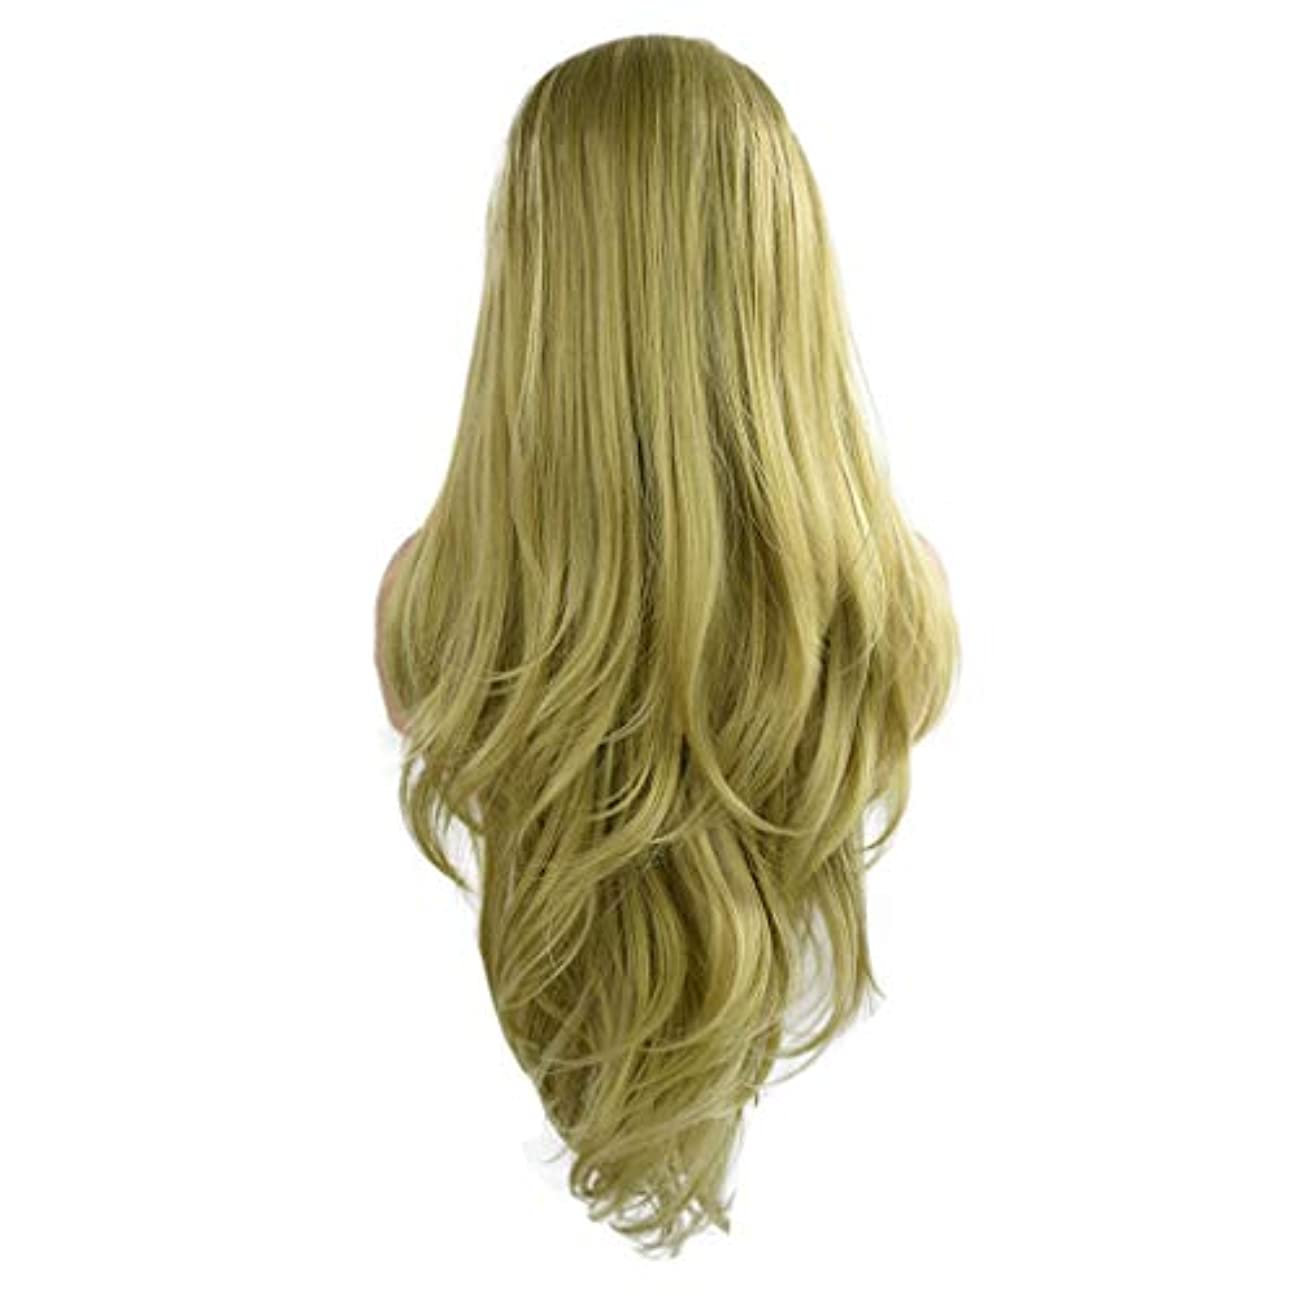 ペニーセールスマン知覚女性の緑の長い巻き毛のフロントレースかつらファッションポップかつら24インチかつら